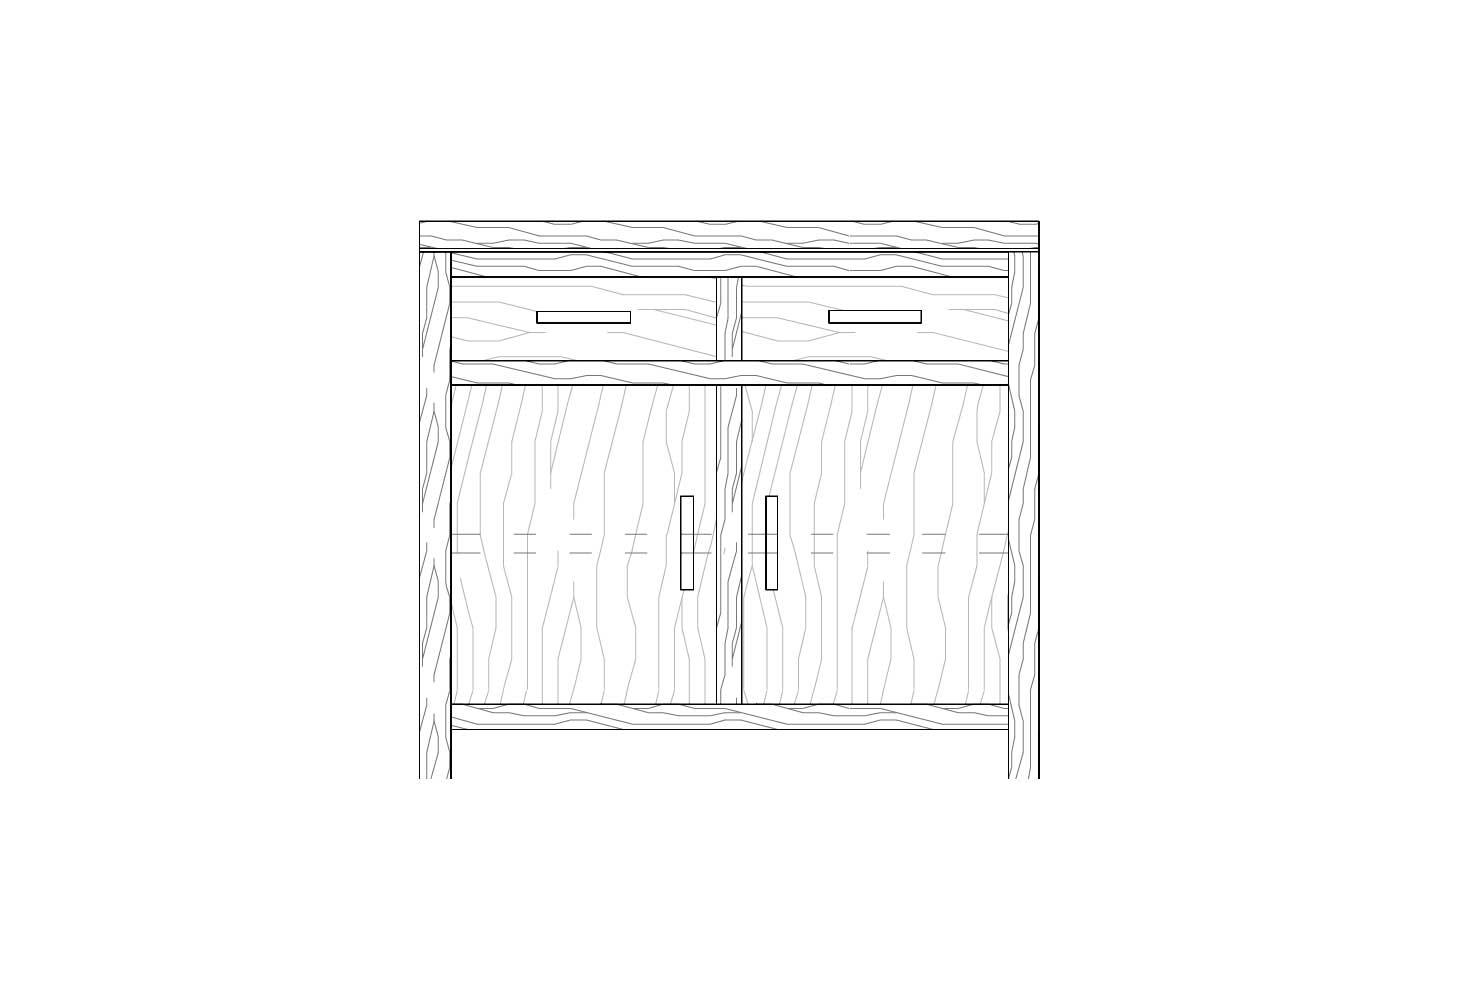 credenzabassa-B100-disegno